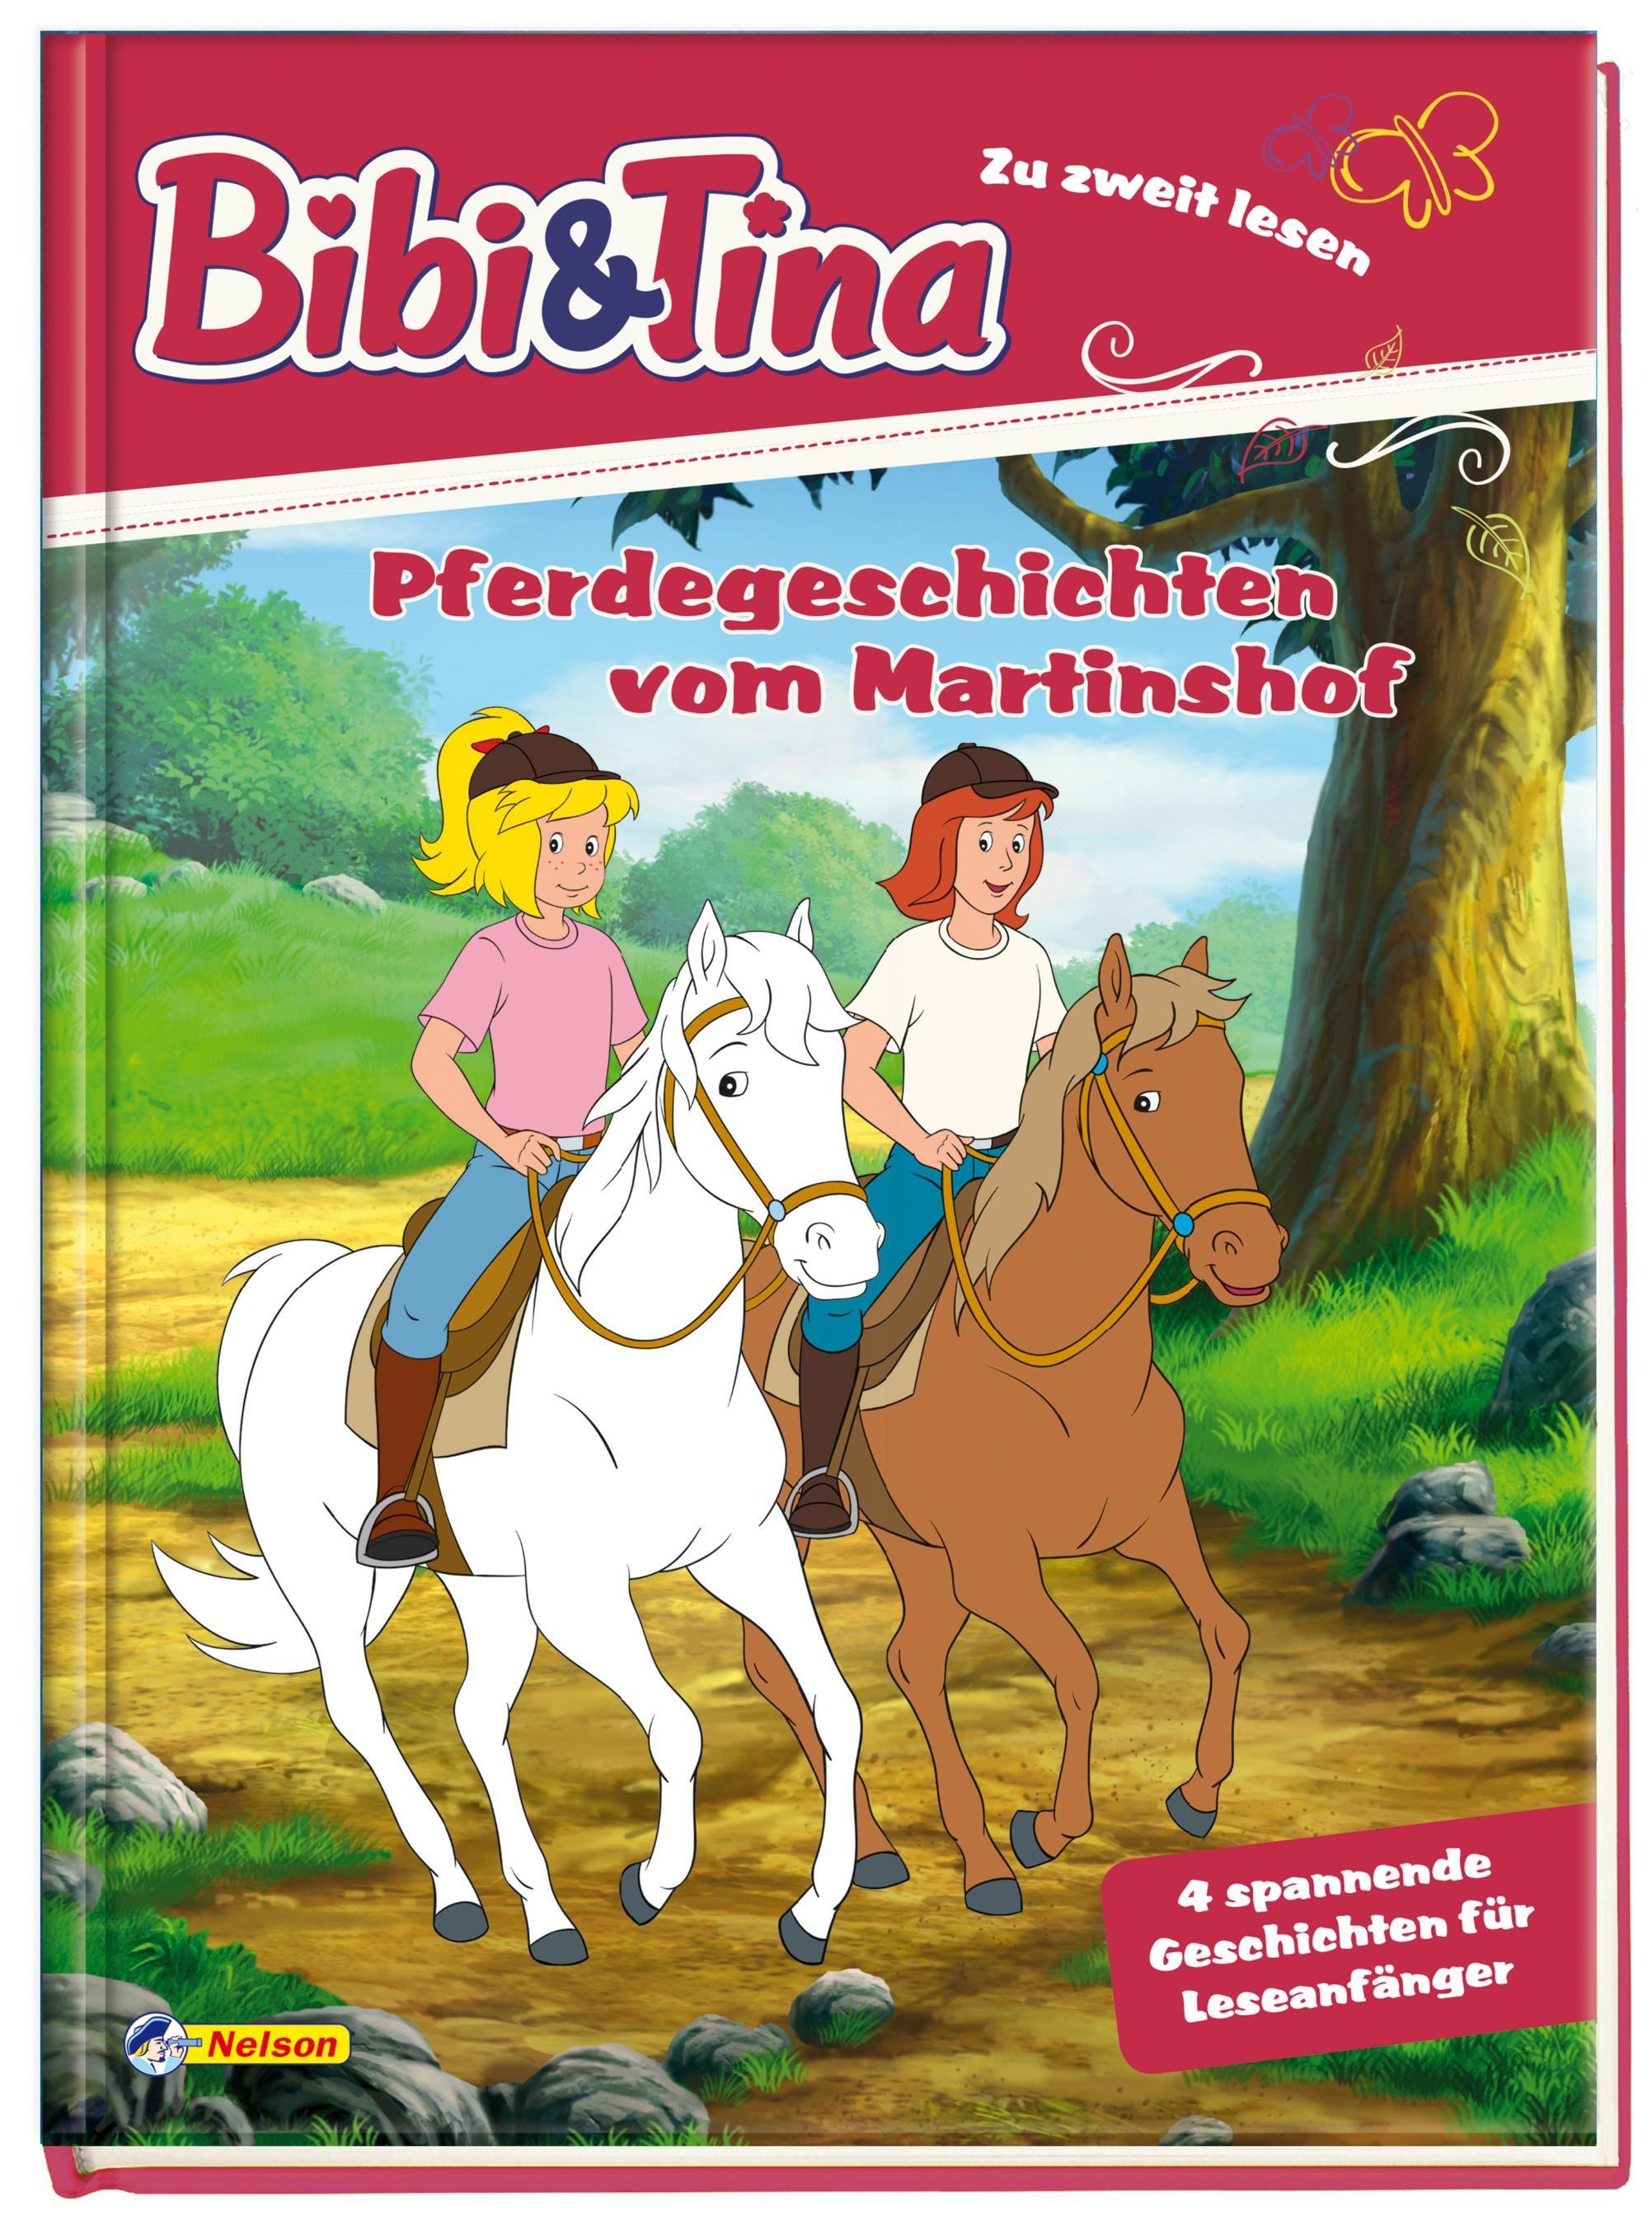 Bibi und Tina: Pferdegeschichten vom Martinshof 9783845106021